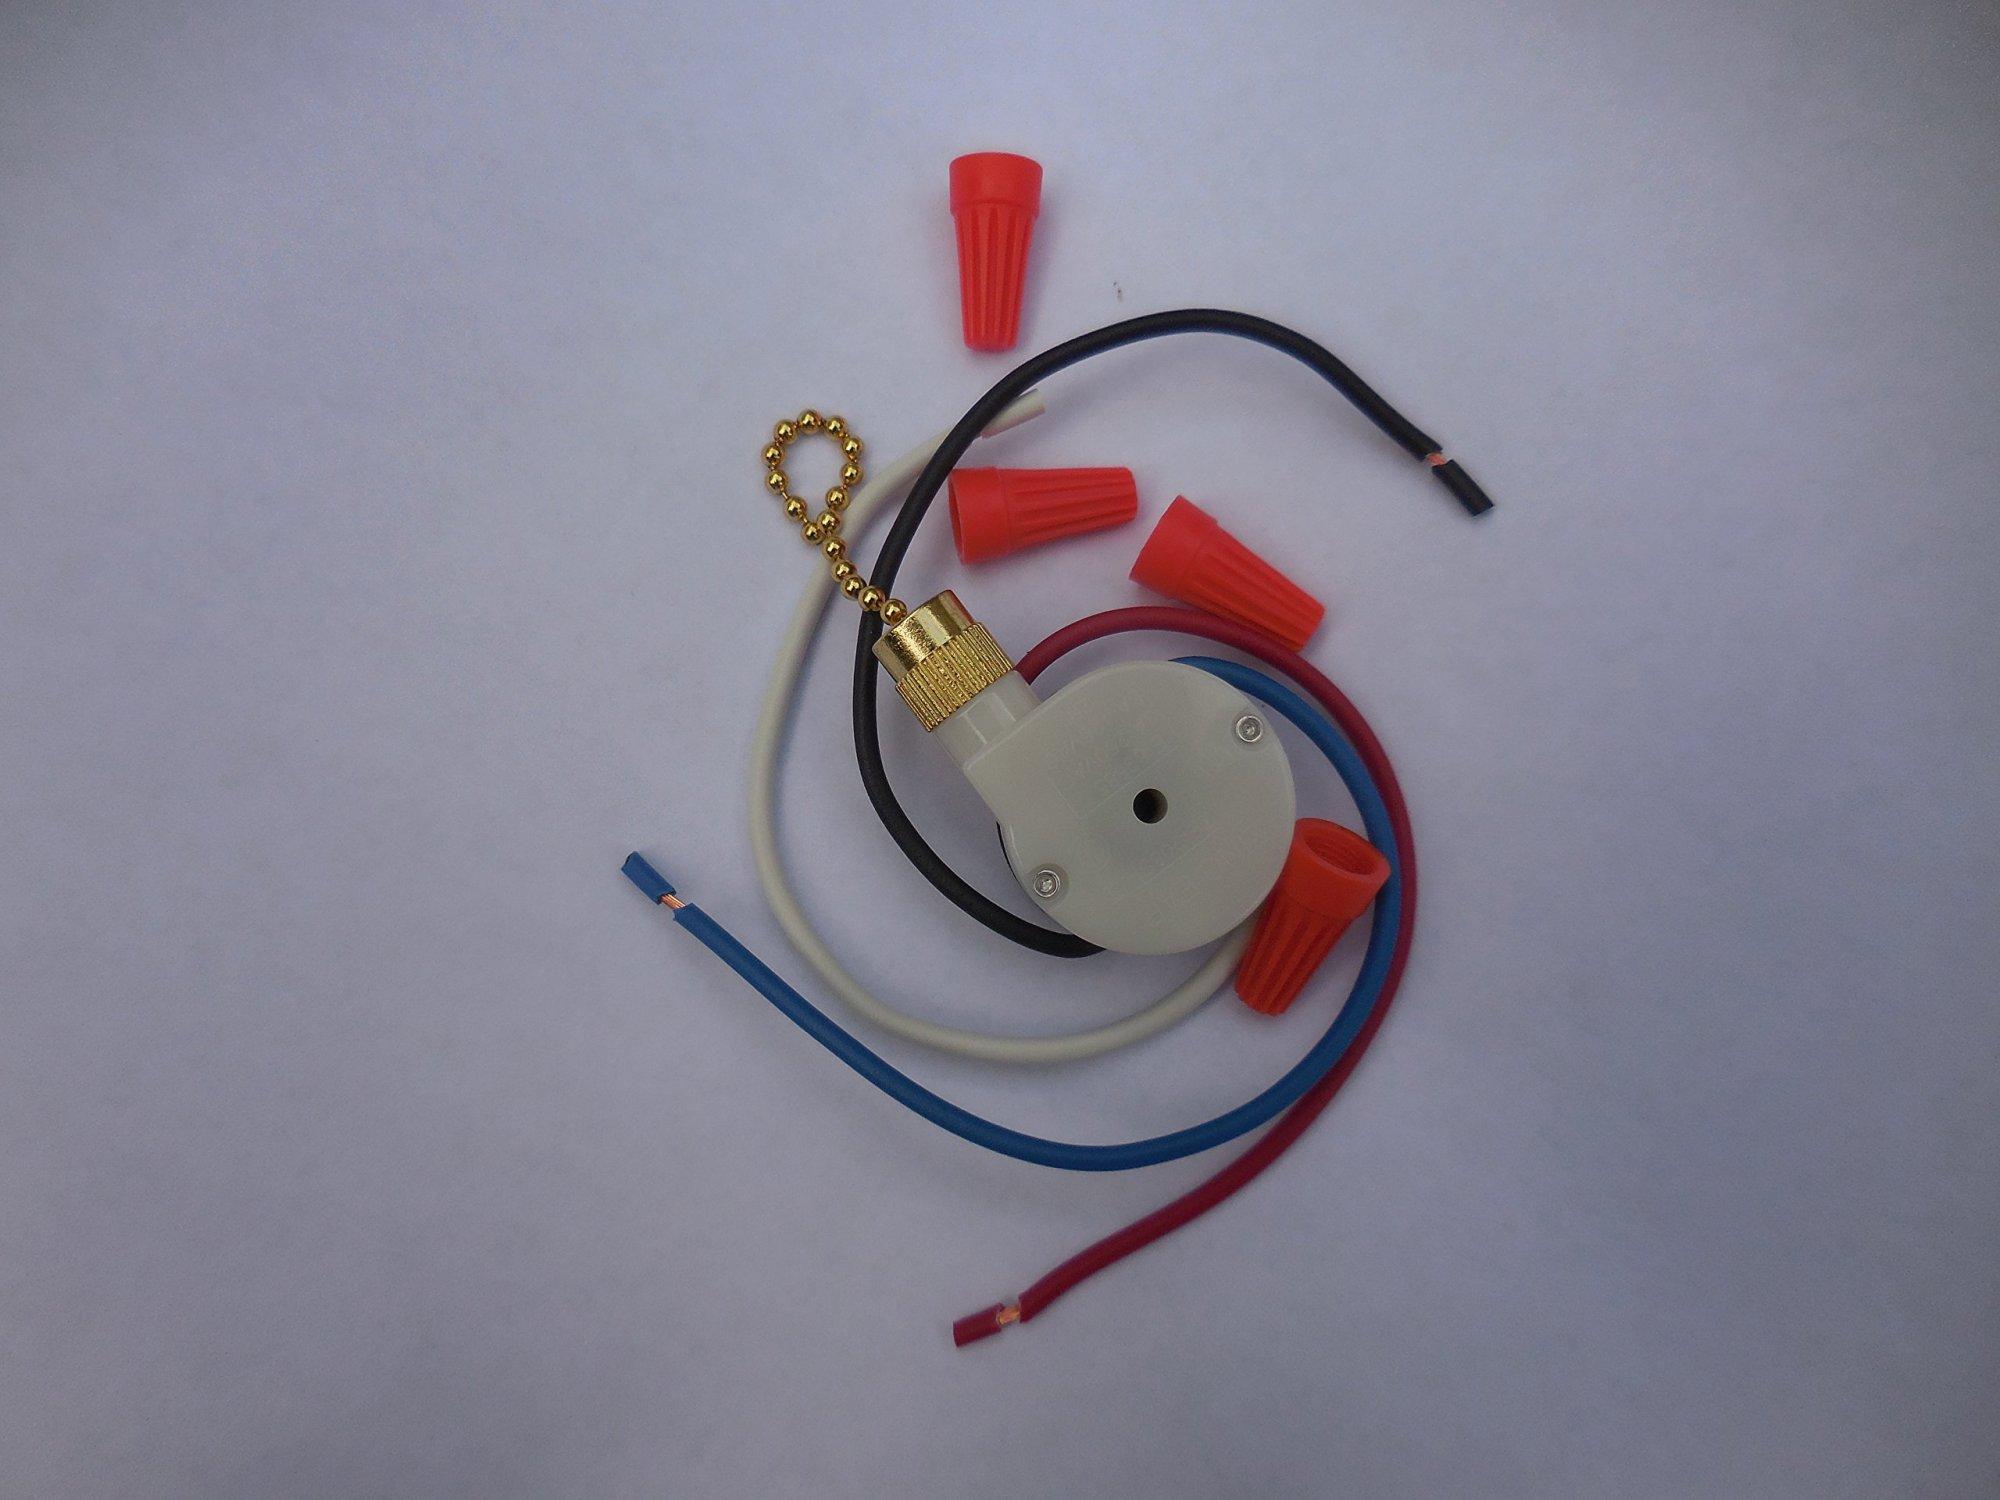 hight resolution of buy zing ear ceiling fan pull chain 3 speed control switch ze 208s 3 way fan switch 4 wire 4 wire fan switch